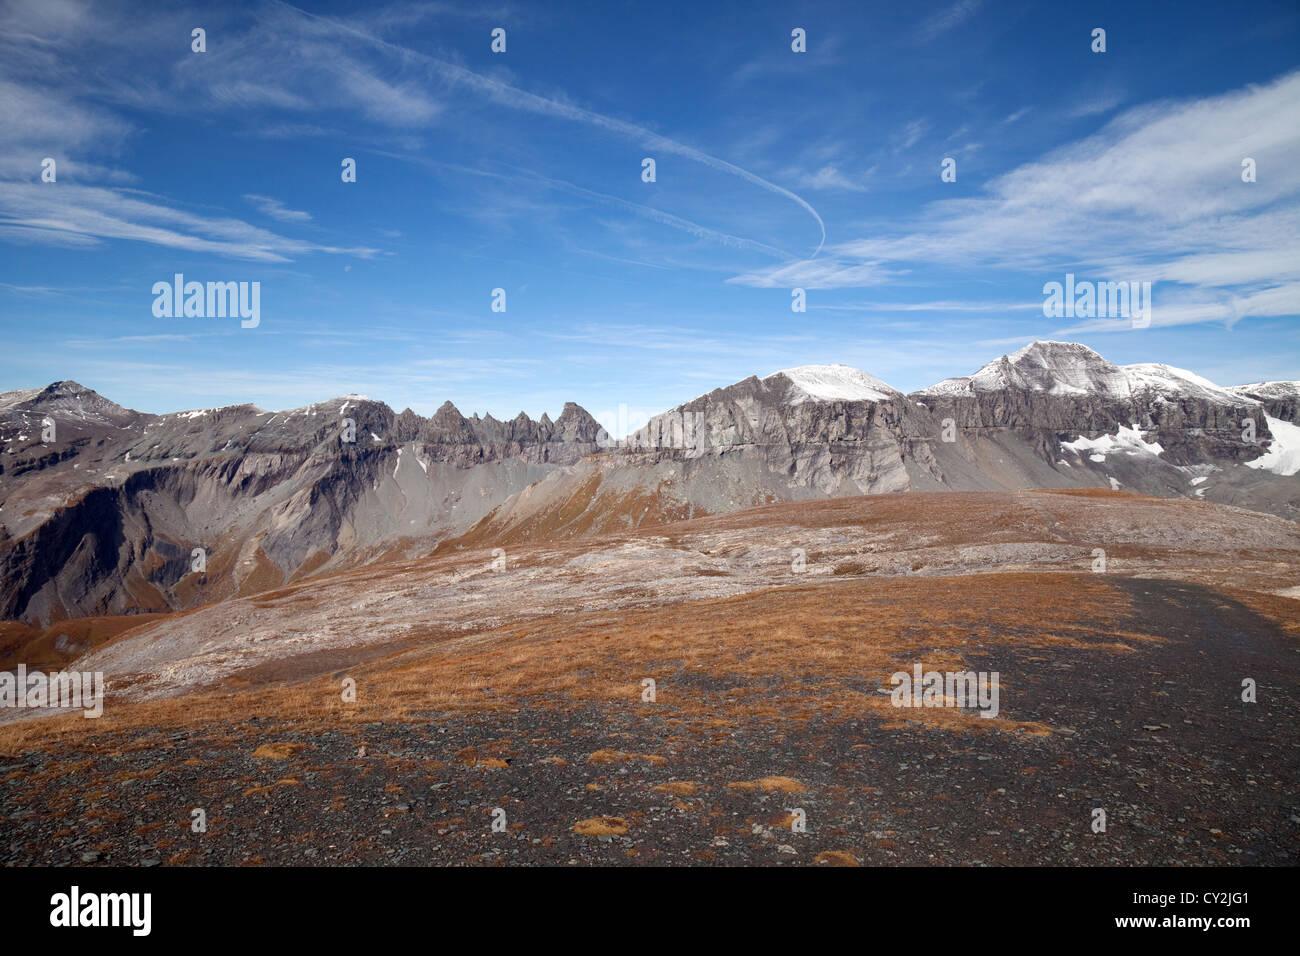 The Glarus thrust World heritage site, Swiss Alps at Flims, Switzerland Europe - Stock Image